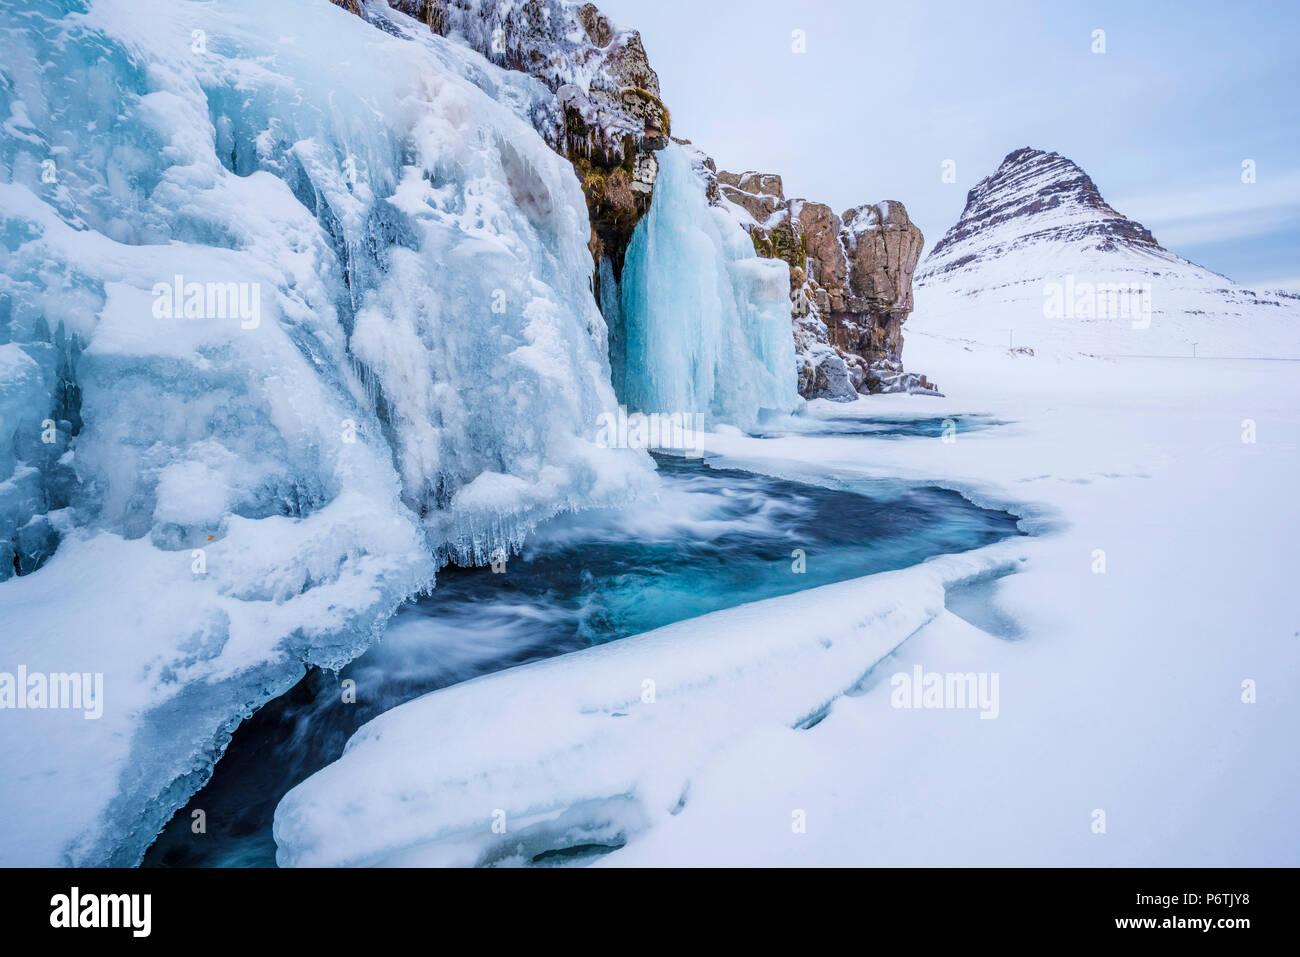 La péninsule de Snaefellsness, dans l'ouest de l'Islande, l'Europe. Chute d'Kirkjufellfoss congelés en hiver avec Kirkjufell mountain dans la toile. Photo Stock